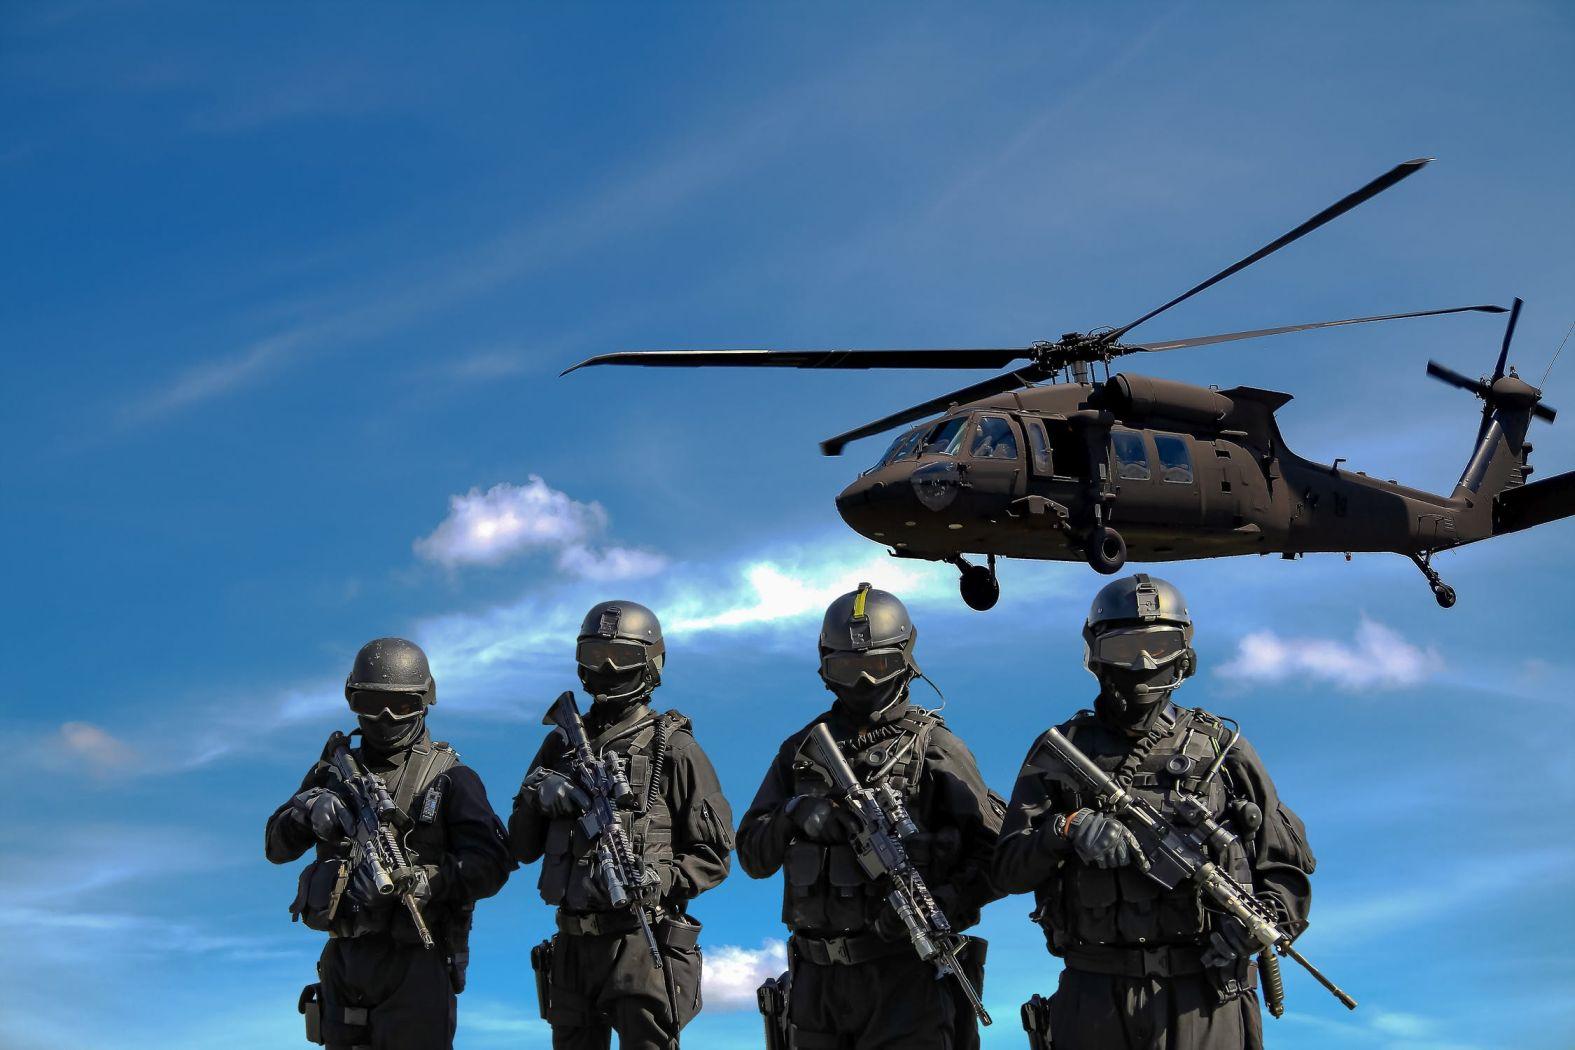 amerykańska armia współpracuje z hakerami